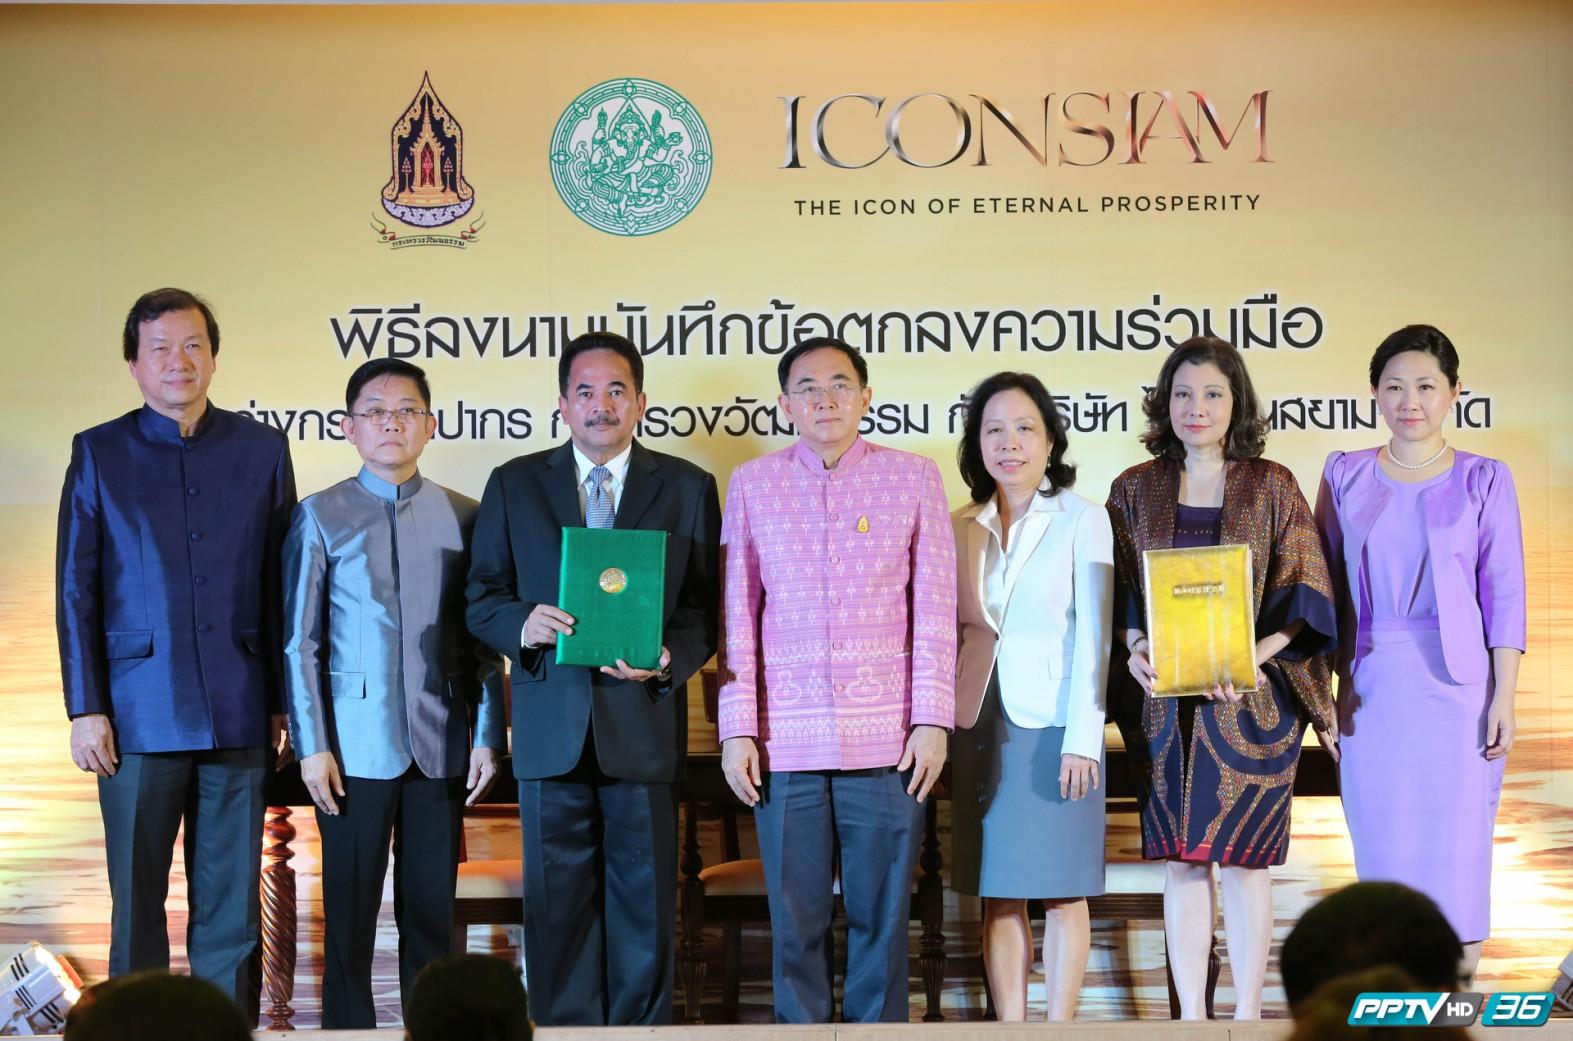 ก.วัฒนธรรม-ไอคอนสยาม เปิดพิพิธภัณฑ์ระดับโลกแห่งแรกในไทย